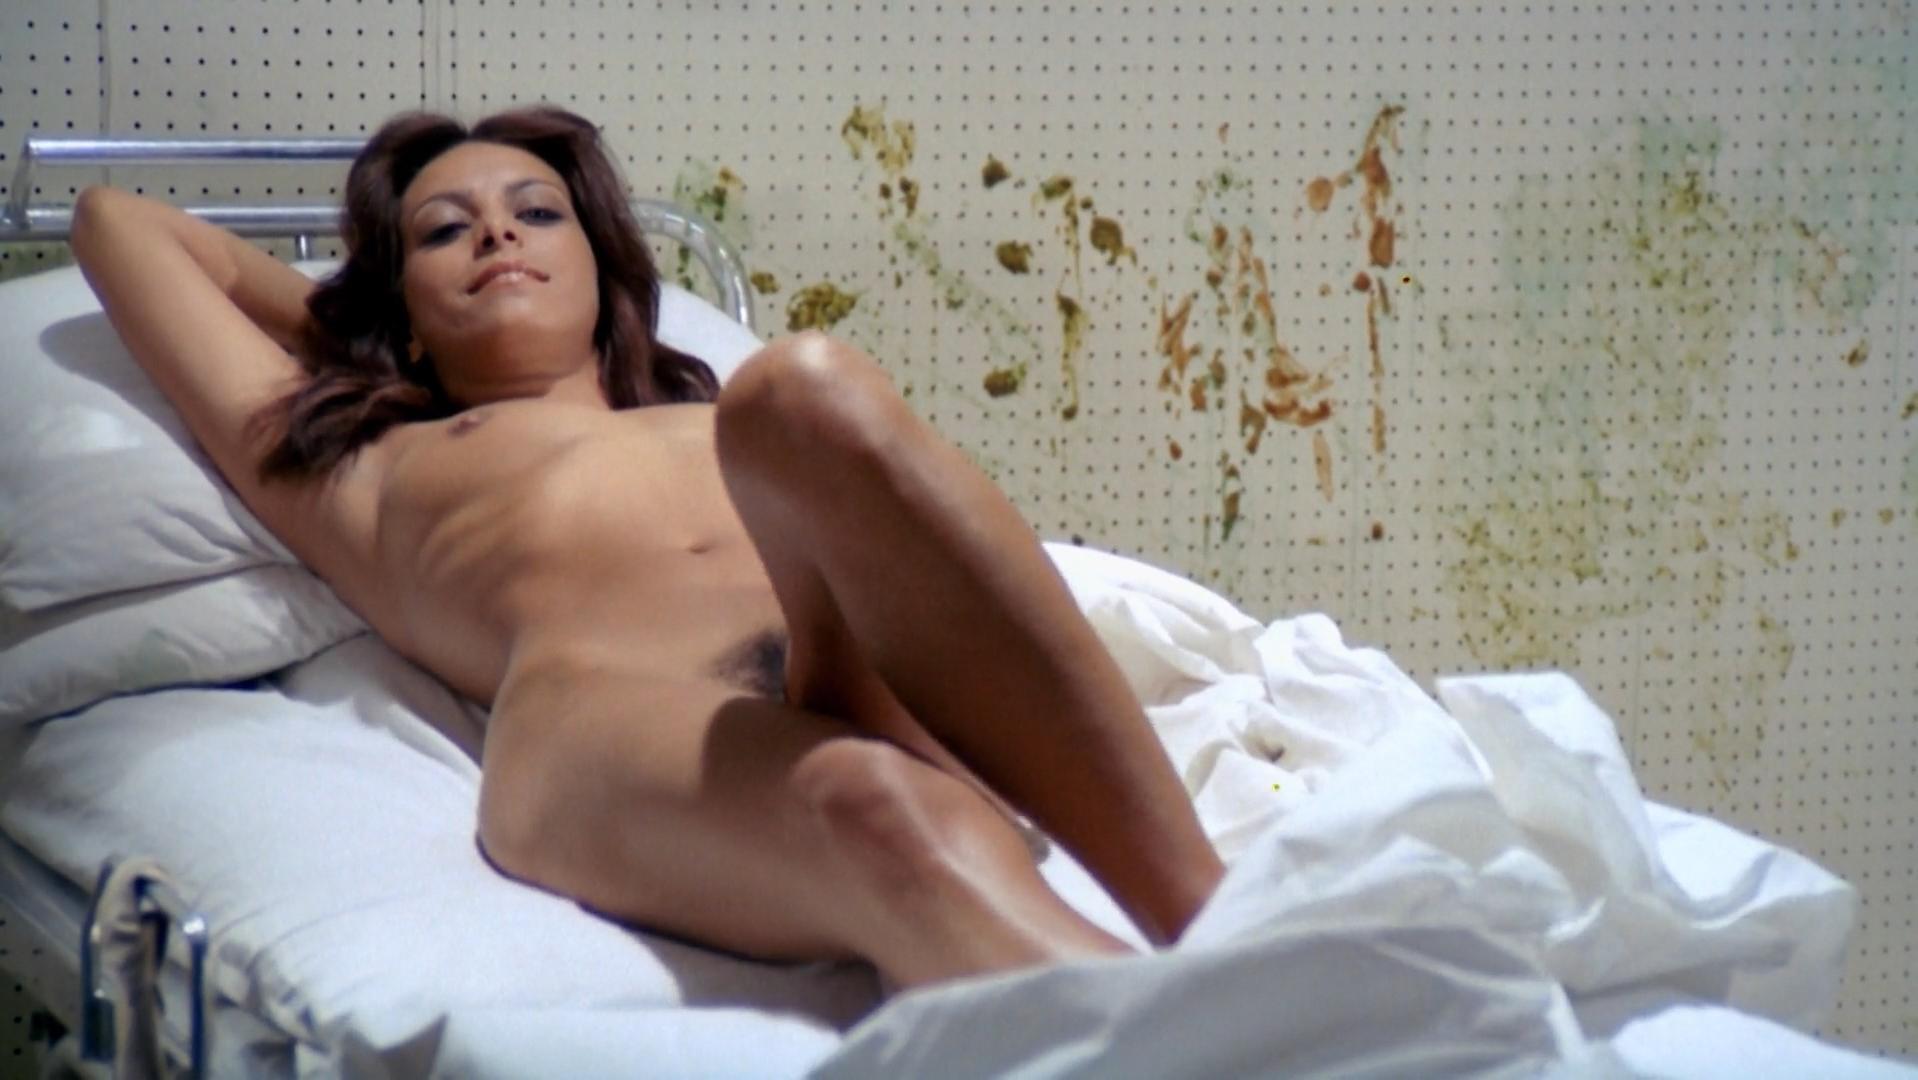 Jeannette hain nackt